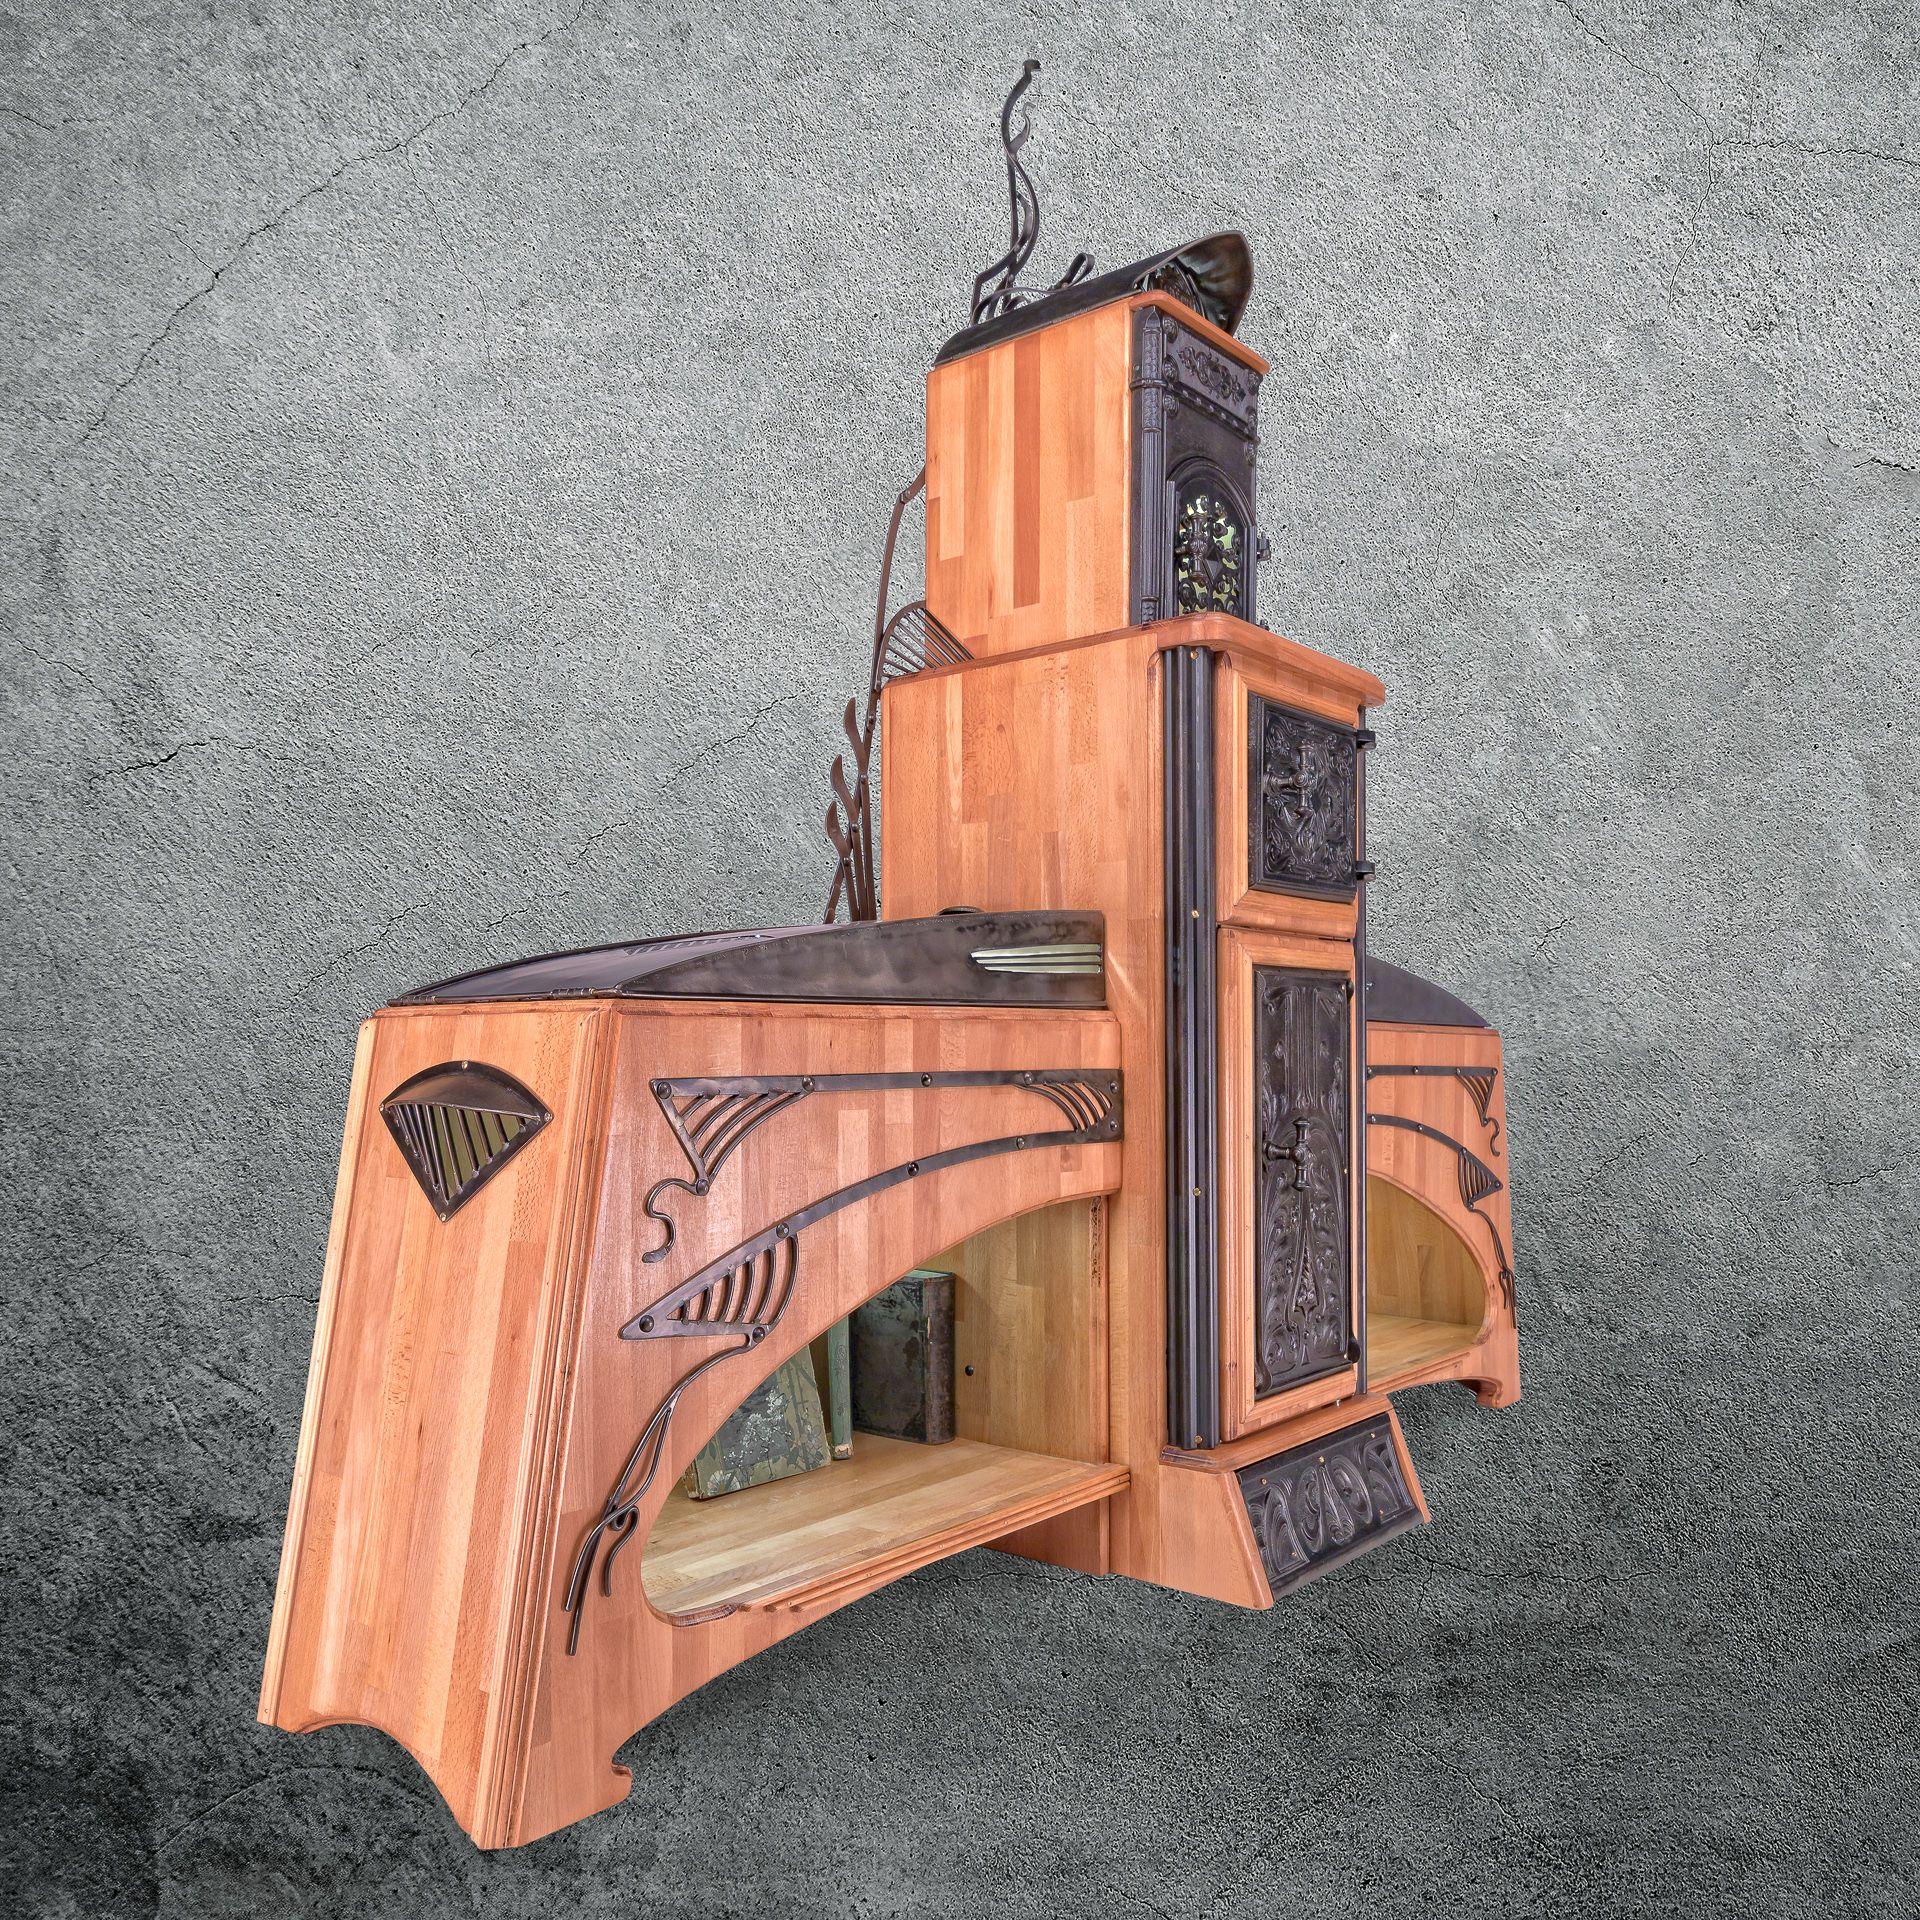 Schrank Aus Massivem Buchenholz Mit Massiven Guss Und Schmiedeeisen Und Led Beleuchtung Mit Bildern Design Buchenholz Jugendstil